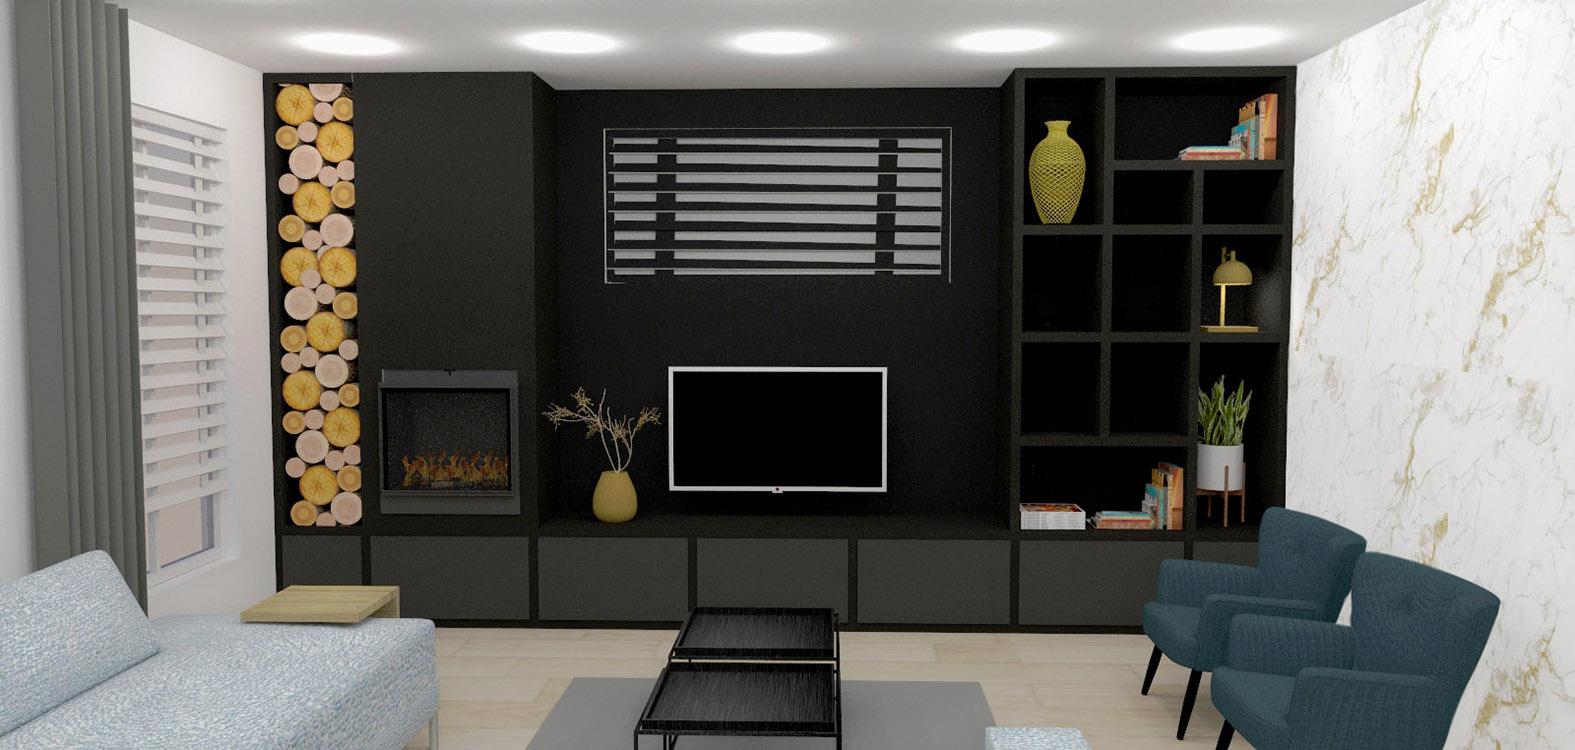 Huiskamer interieurontwerp binnenhuisarchitect drunen elshout kast op maat 3d visualisatie